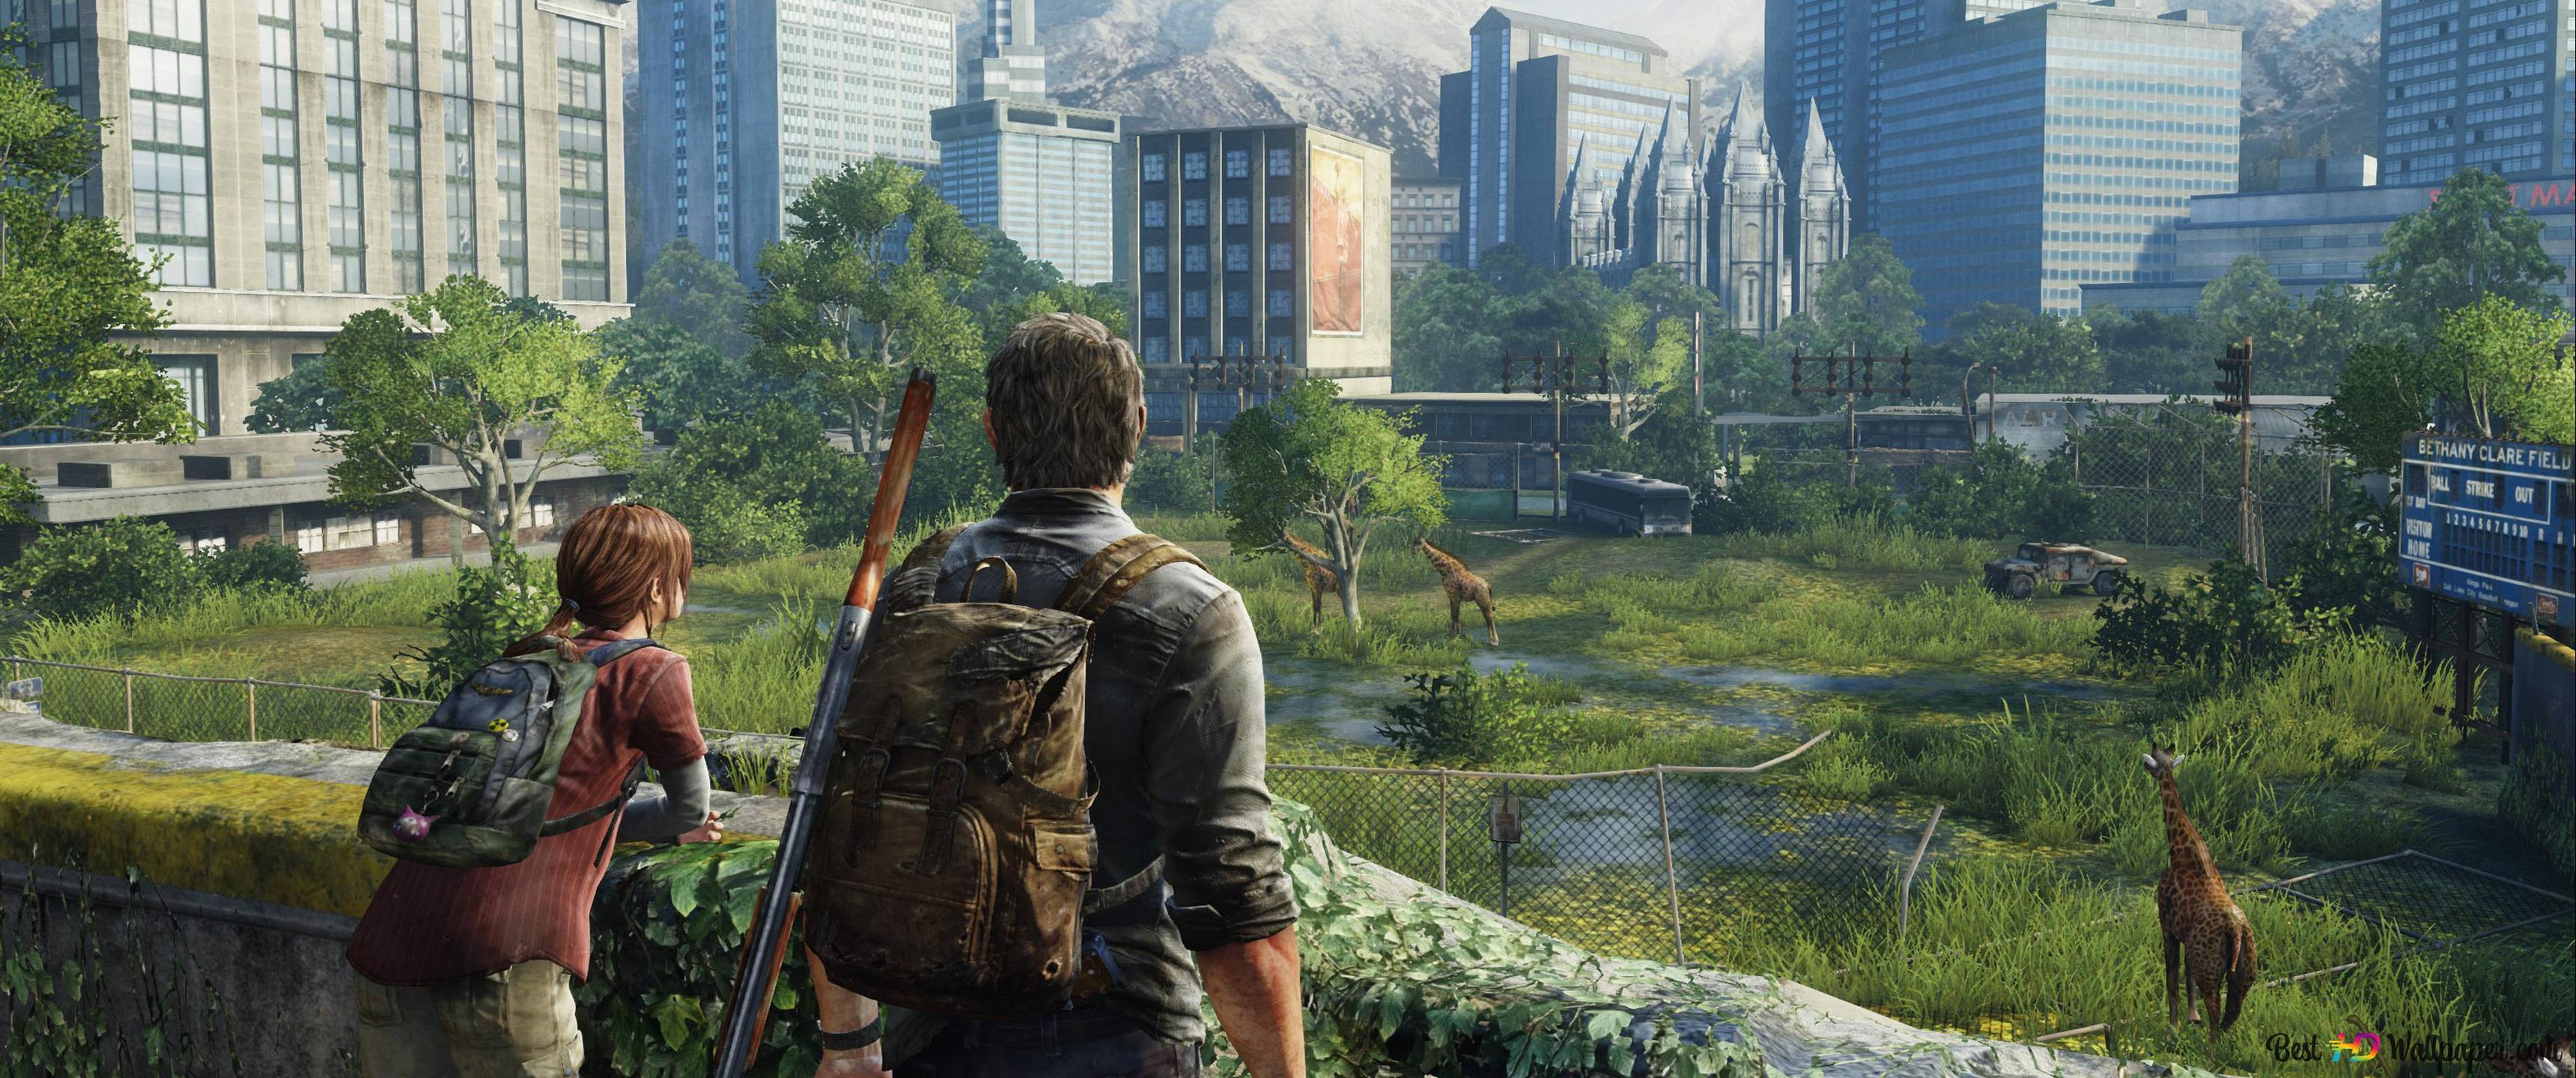 The Last Of Us Joel Ellie Hd Wallpaper Download